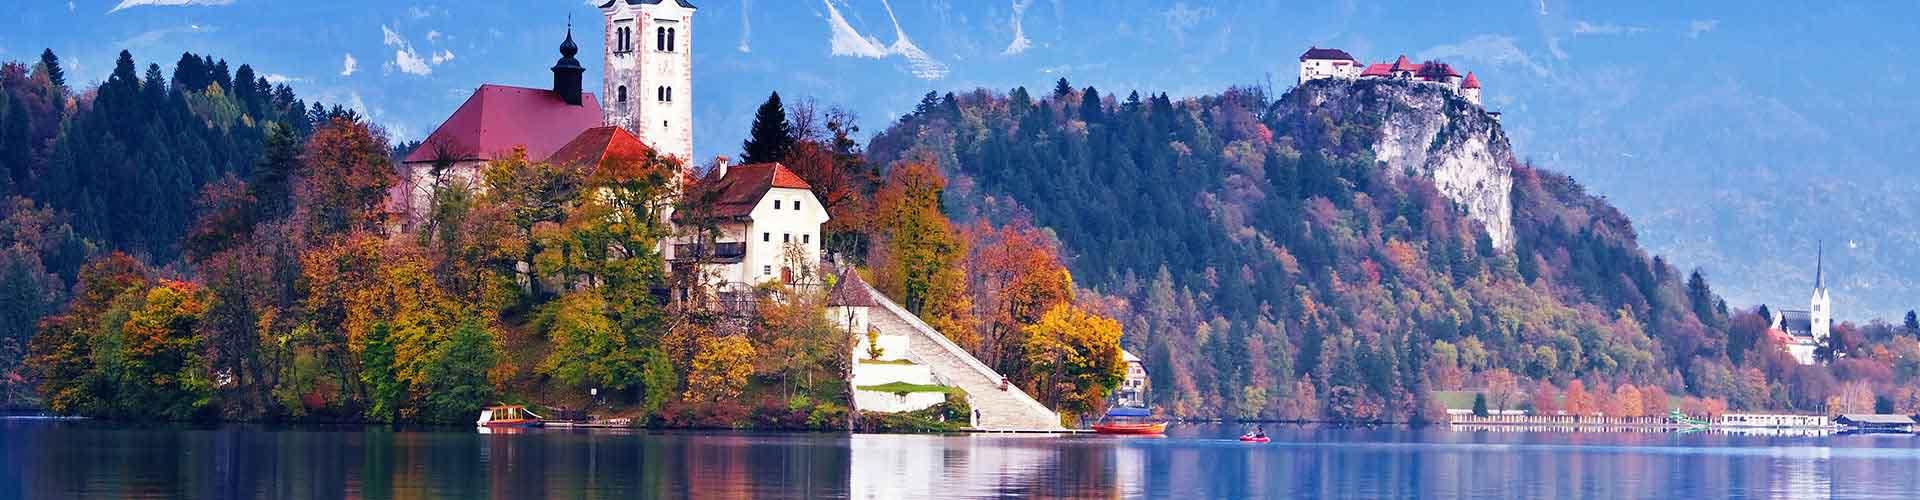 Bled - Albergues baratos en Bled. Mapas de Bled, Fotos y Comentarios para cada hotel en Bled.